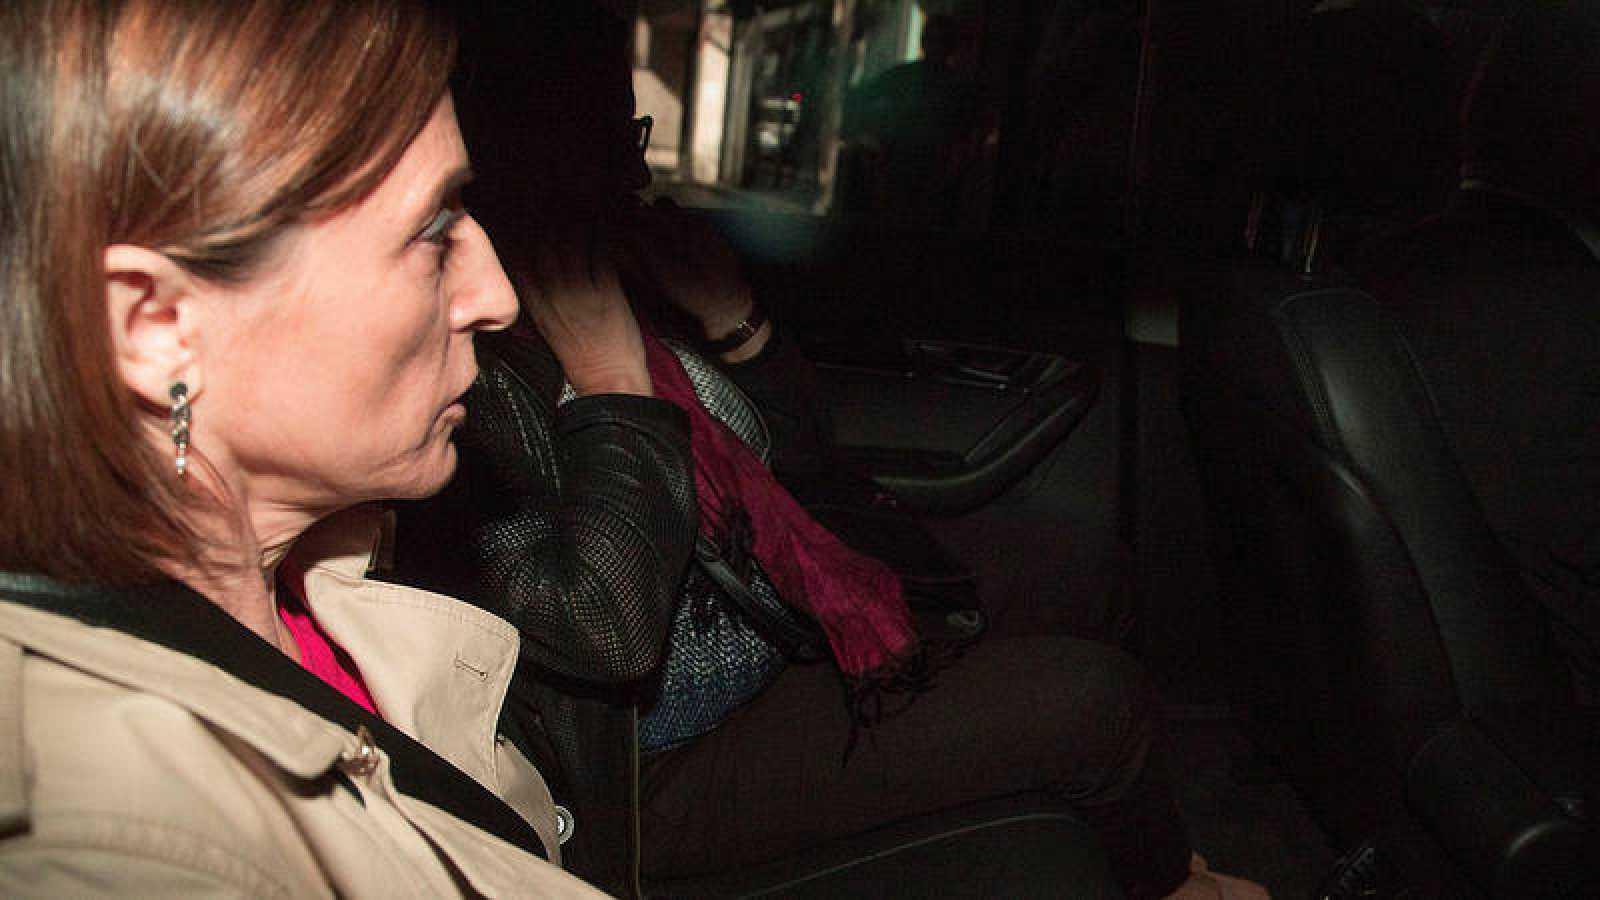 La presidenta del Parlament de Cataluña, Carme Forcadell, en el interior de un vehículo, se dirige a la reunión de la Ejecutiva de ERC, hoy en Barcelona